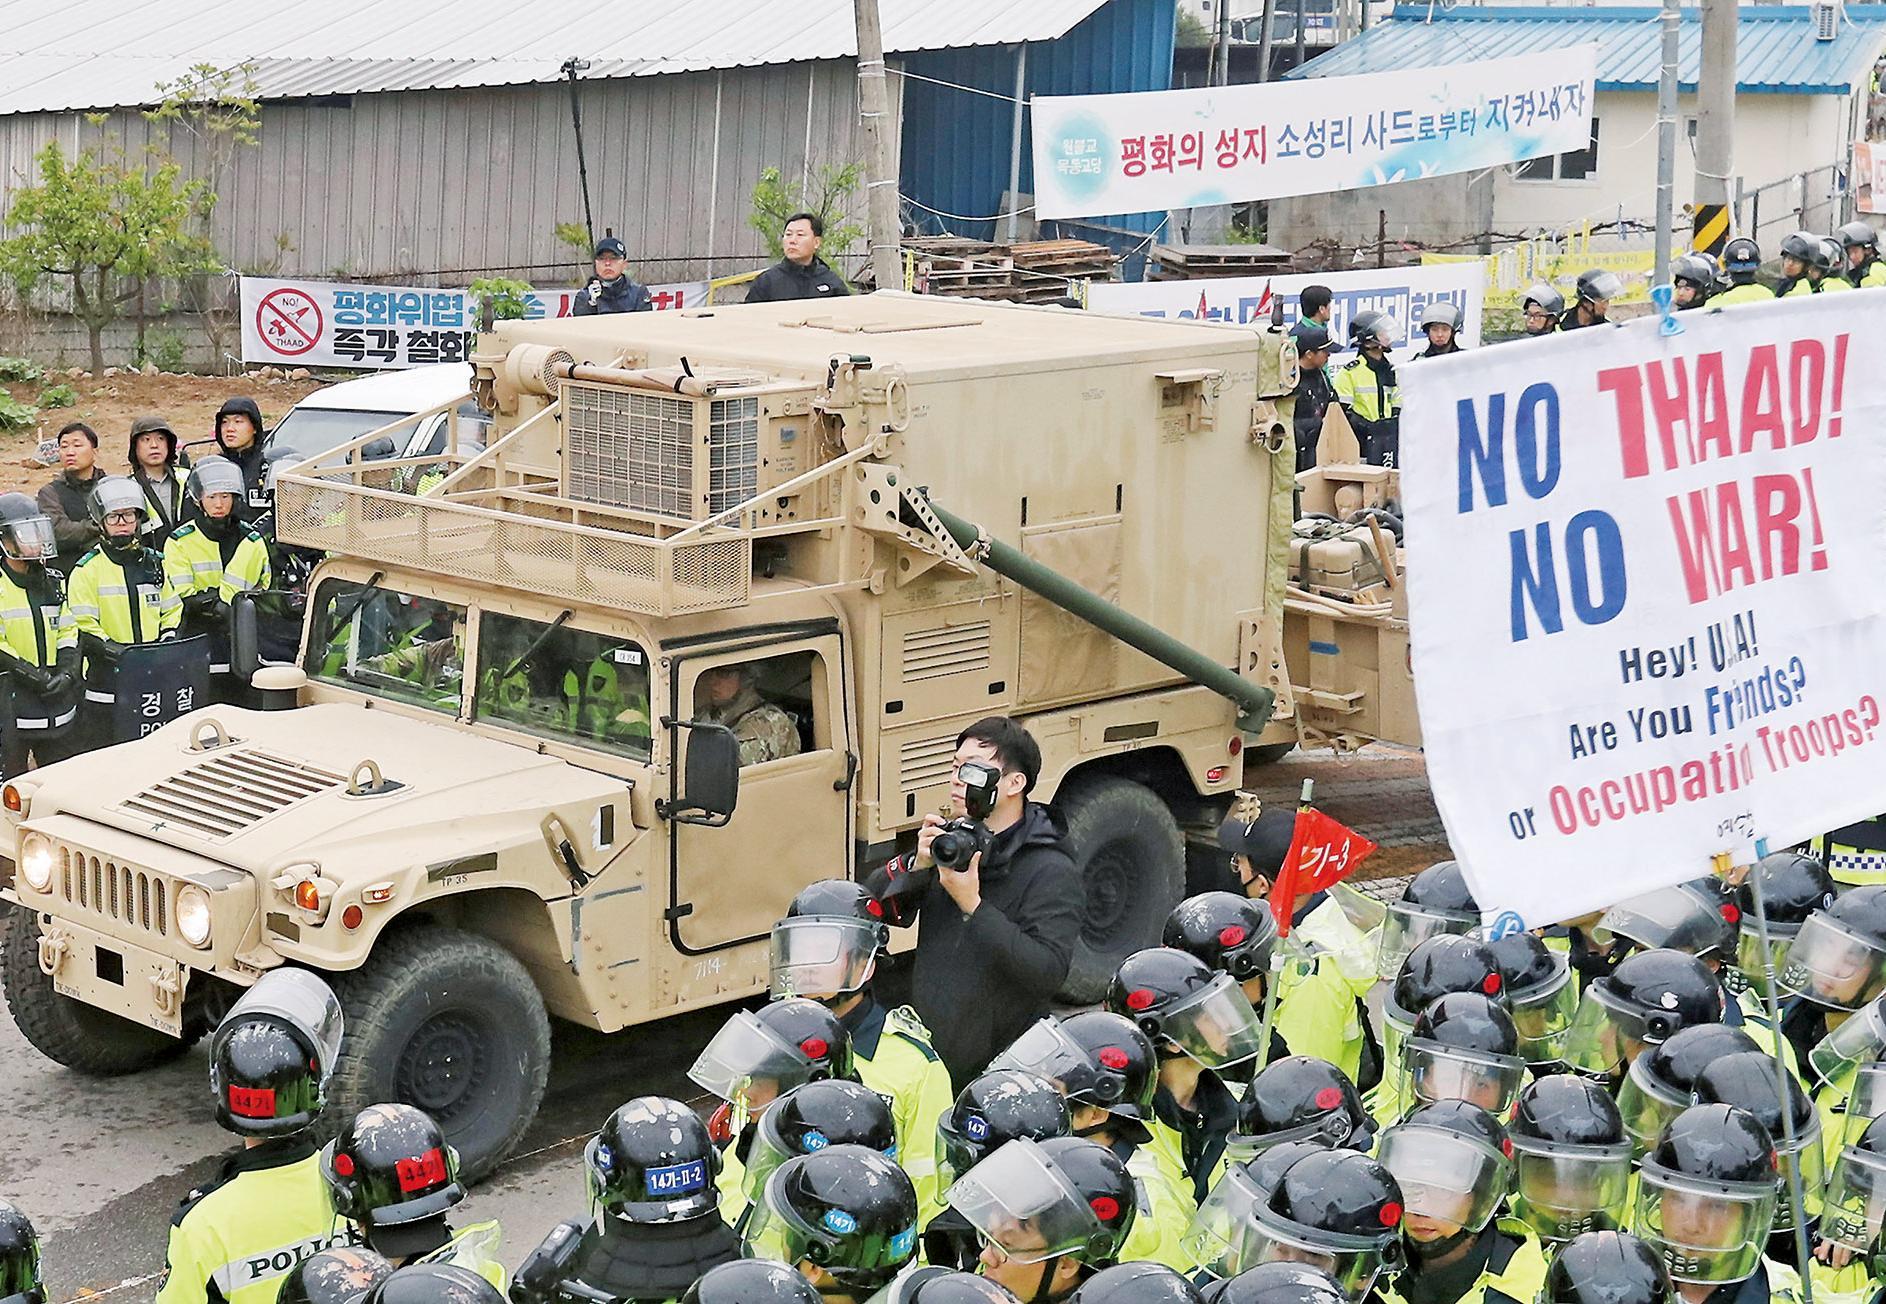 居民堵路與警爆衝突